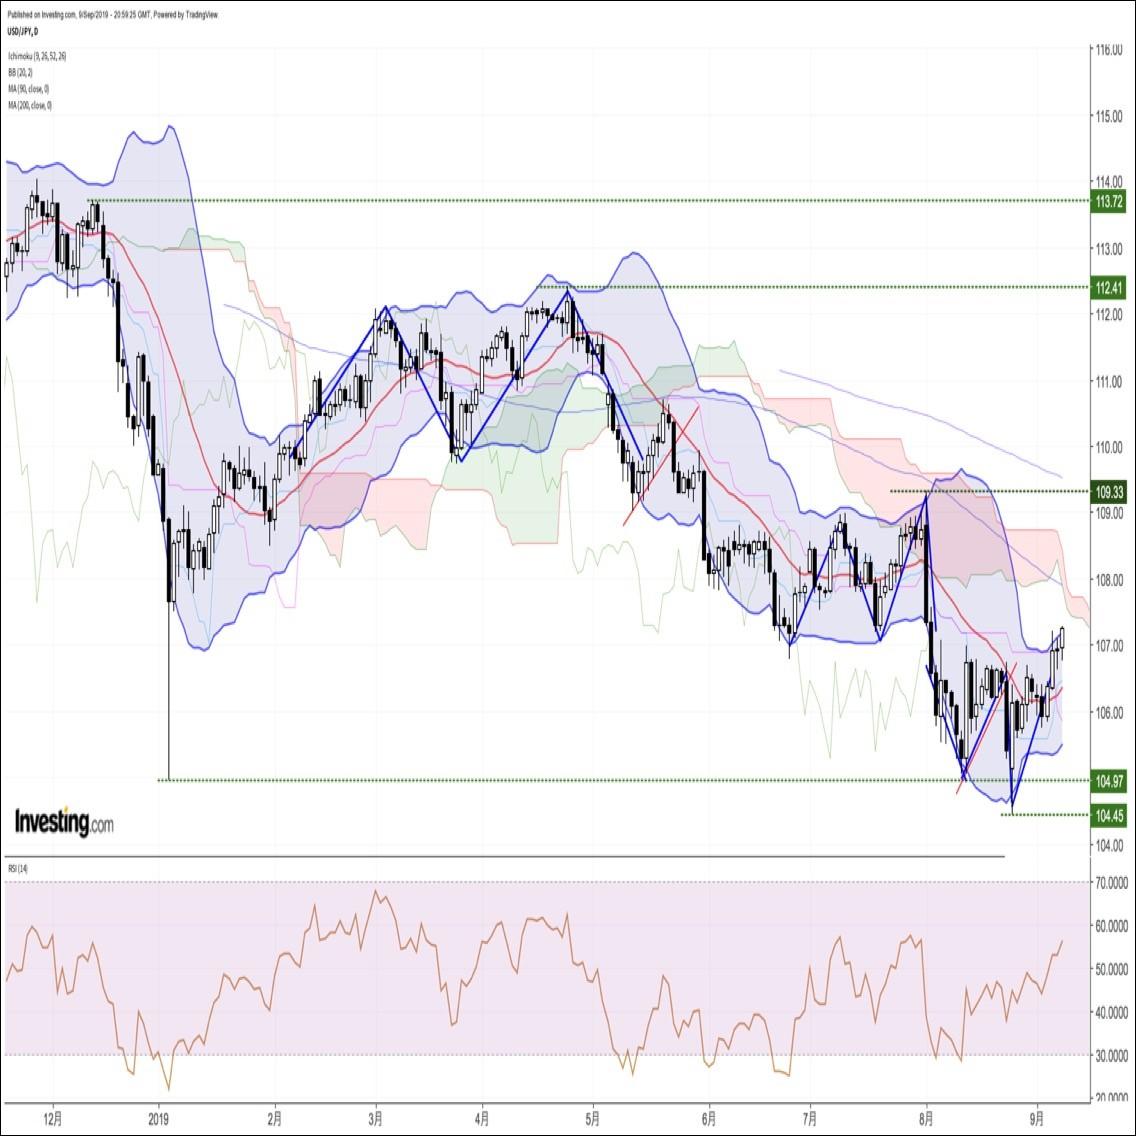 米長期金利上昇とリスク回避ムード後退を背景に直近高値を再び更新